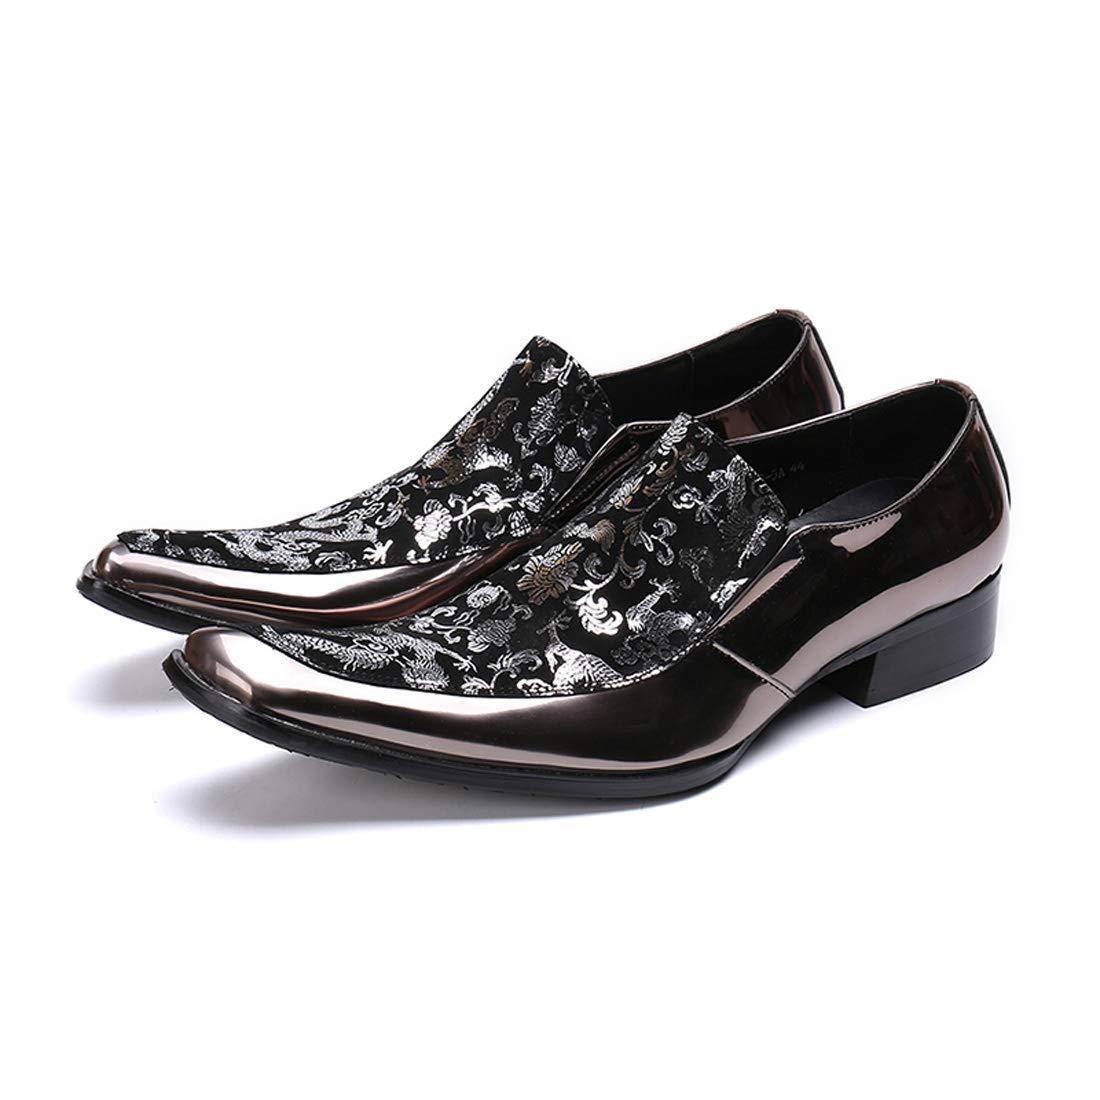 d127e7f5c62d Amazon.com: DANDANJIE Men's Dress Shoes Leather Casual Oxford Shoes ...